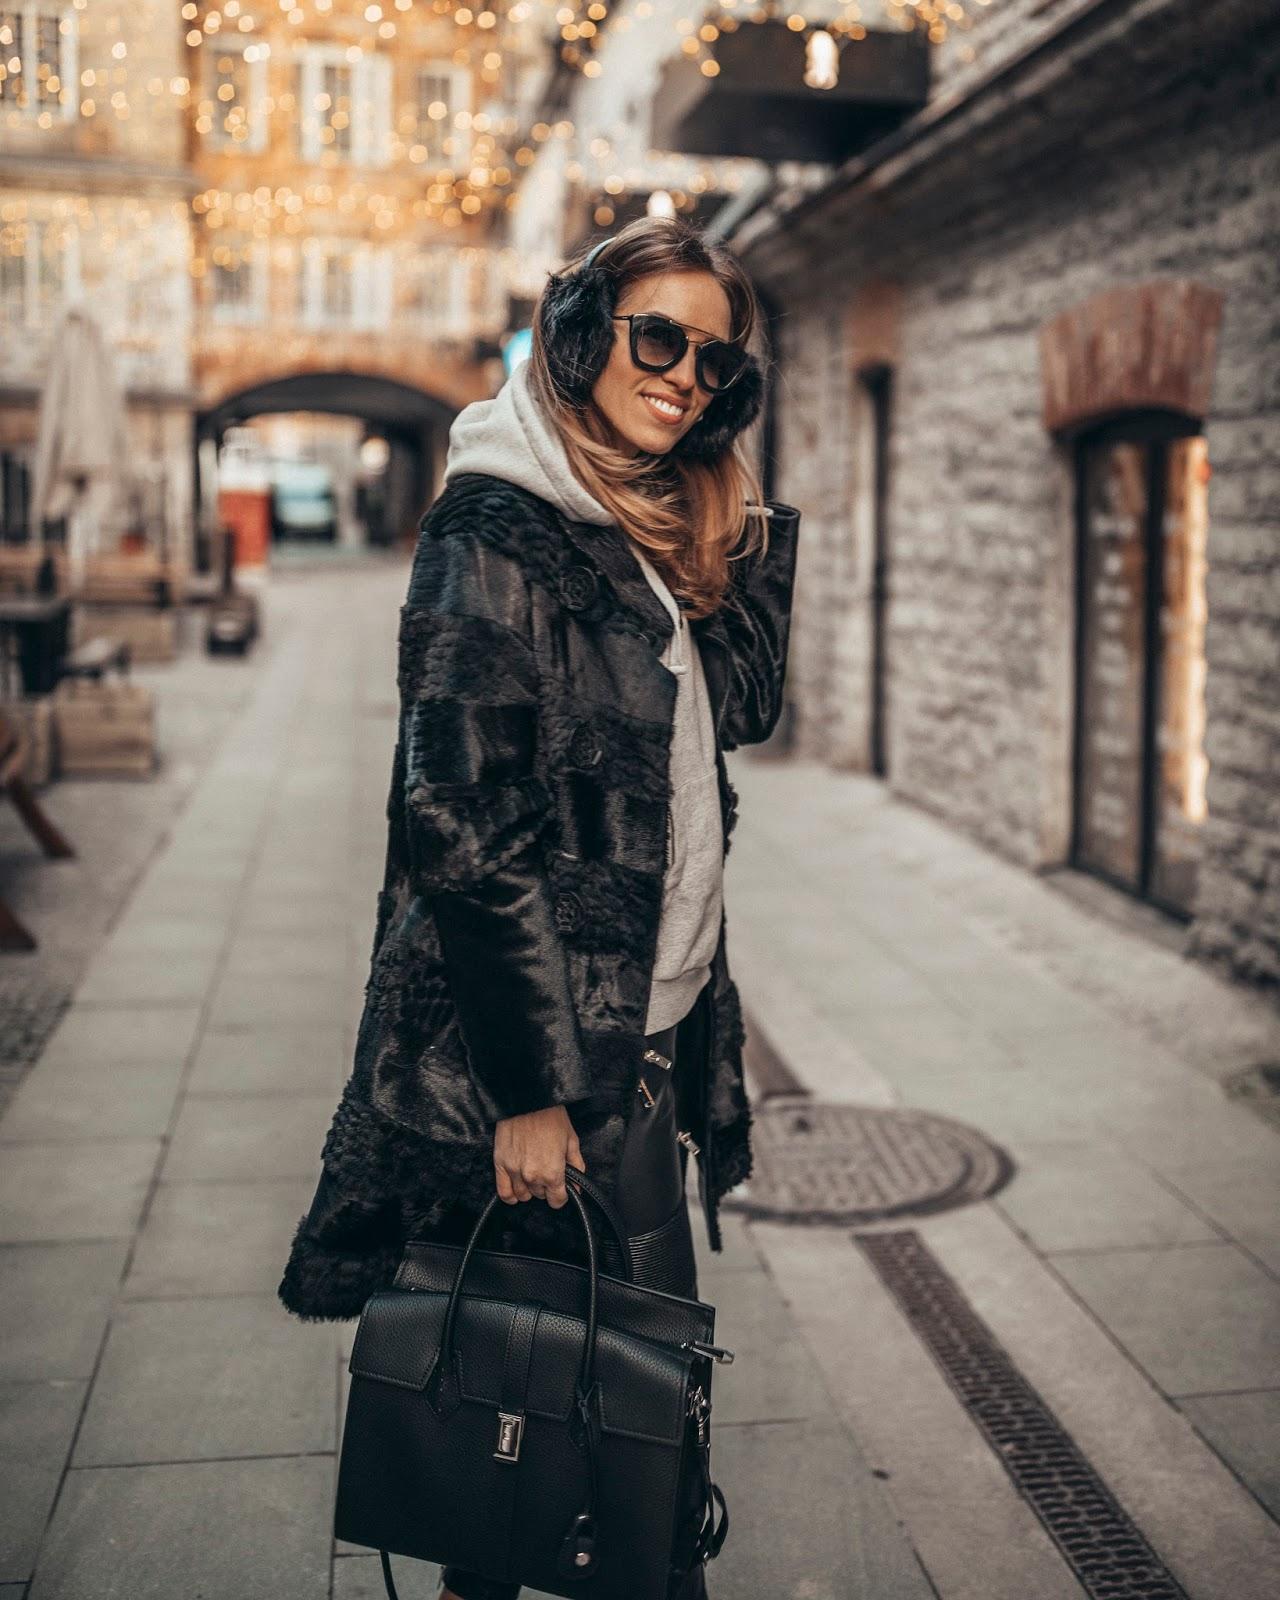 black fur coat hoodie ear muffs outfit winter